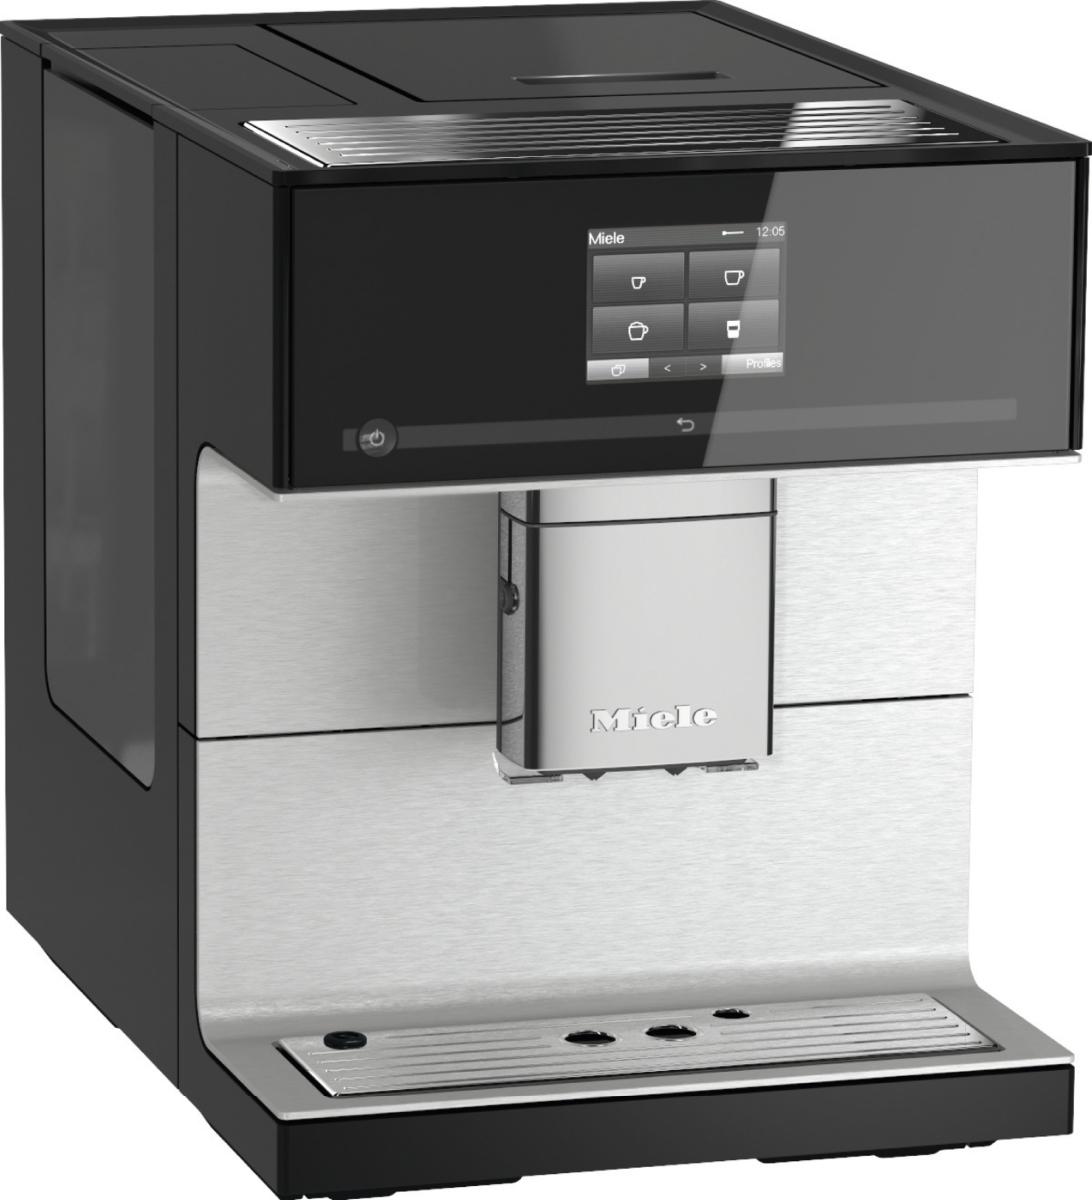 Miele CM 7350 Vrijstaande koffiemachine